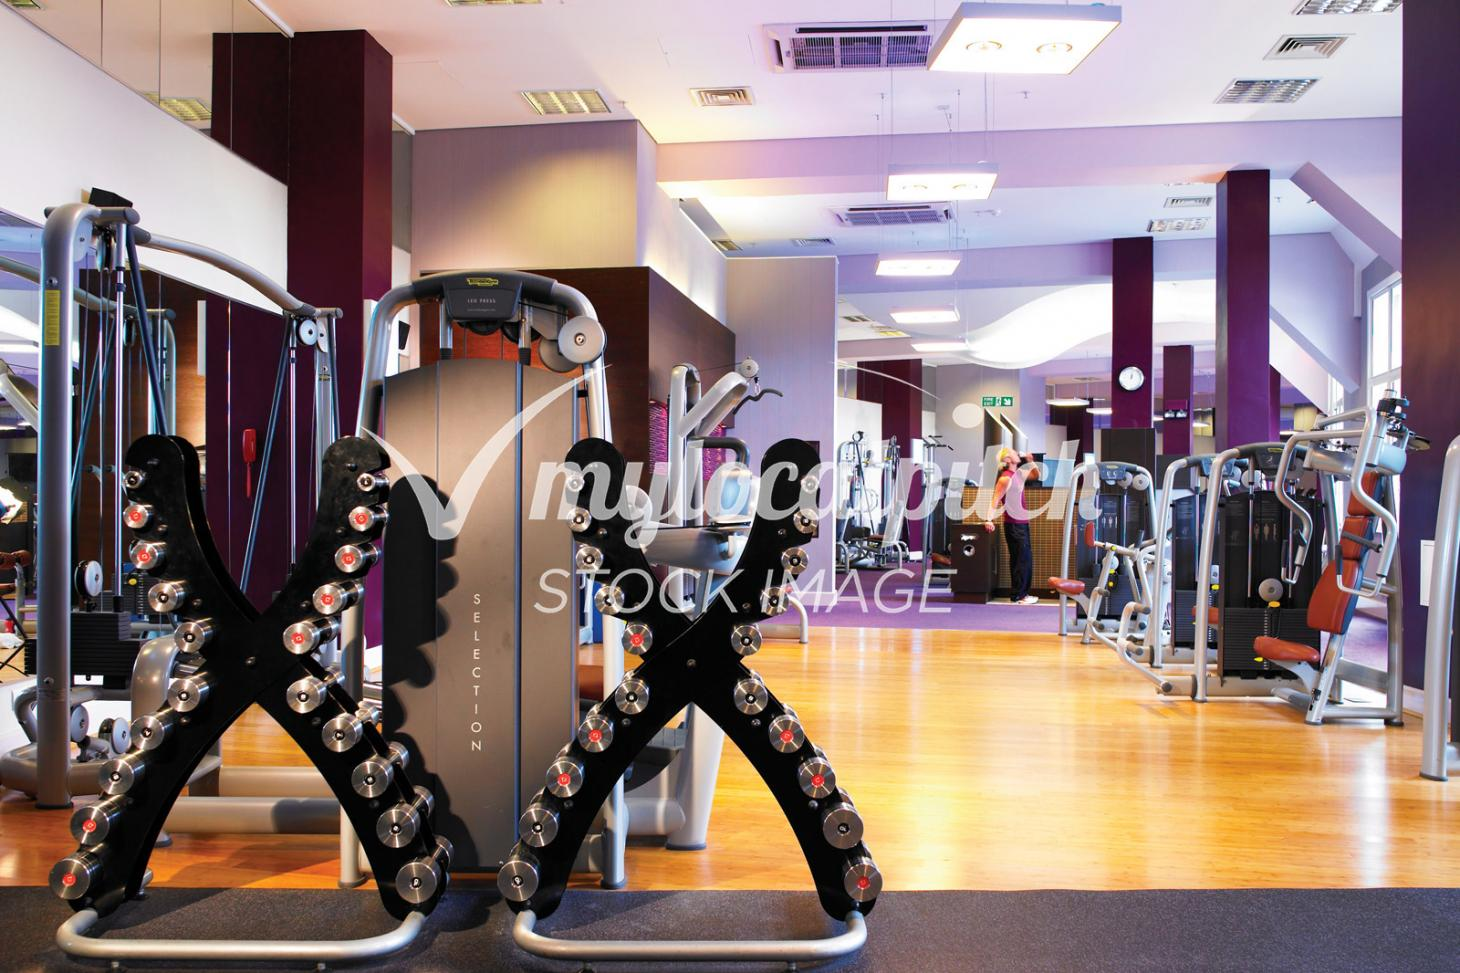 Luton Hoo Hotel Golf and Spa Gym gym